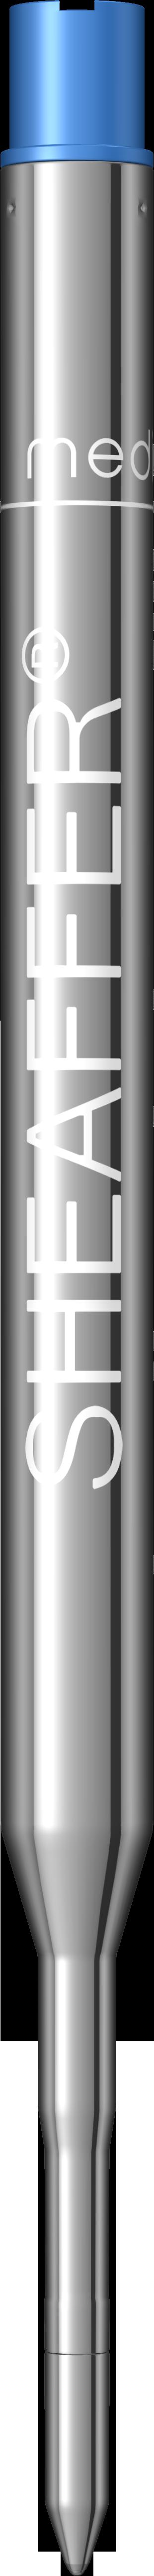 Jumbo K-614